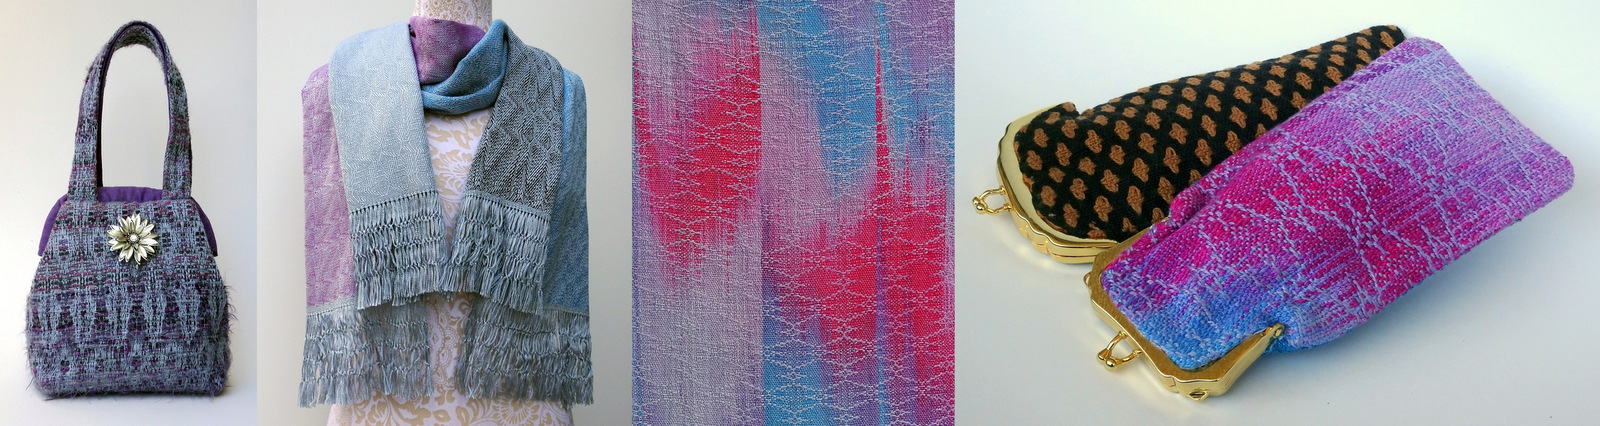 Paula Bowers, Handwoven Fabrics & Apparel-003.jpg